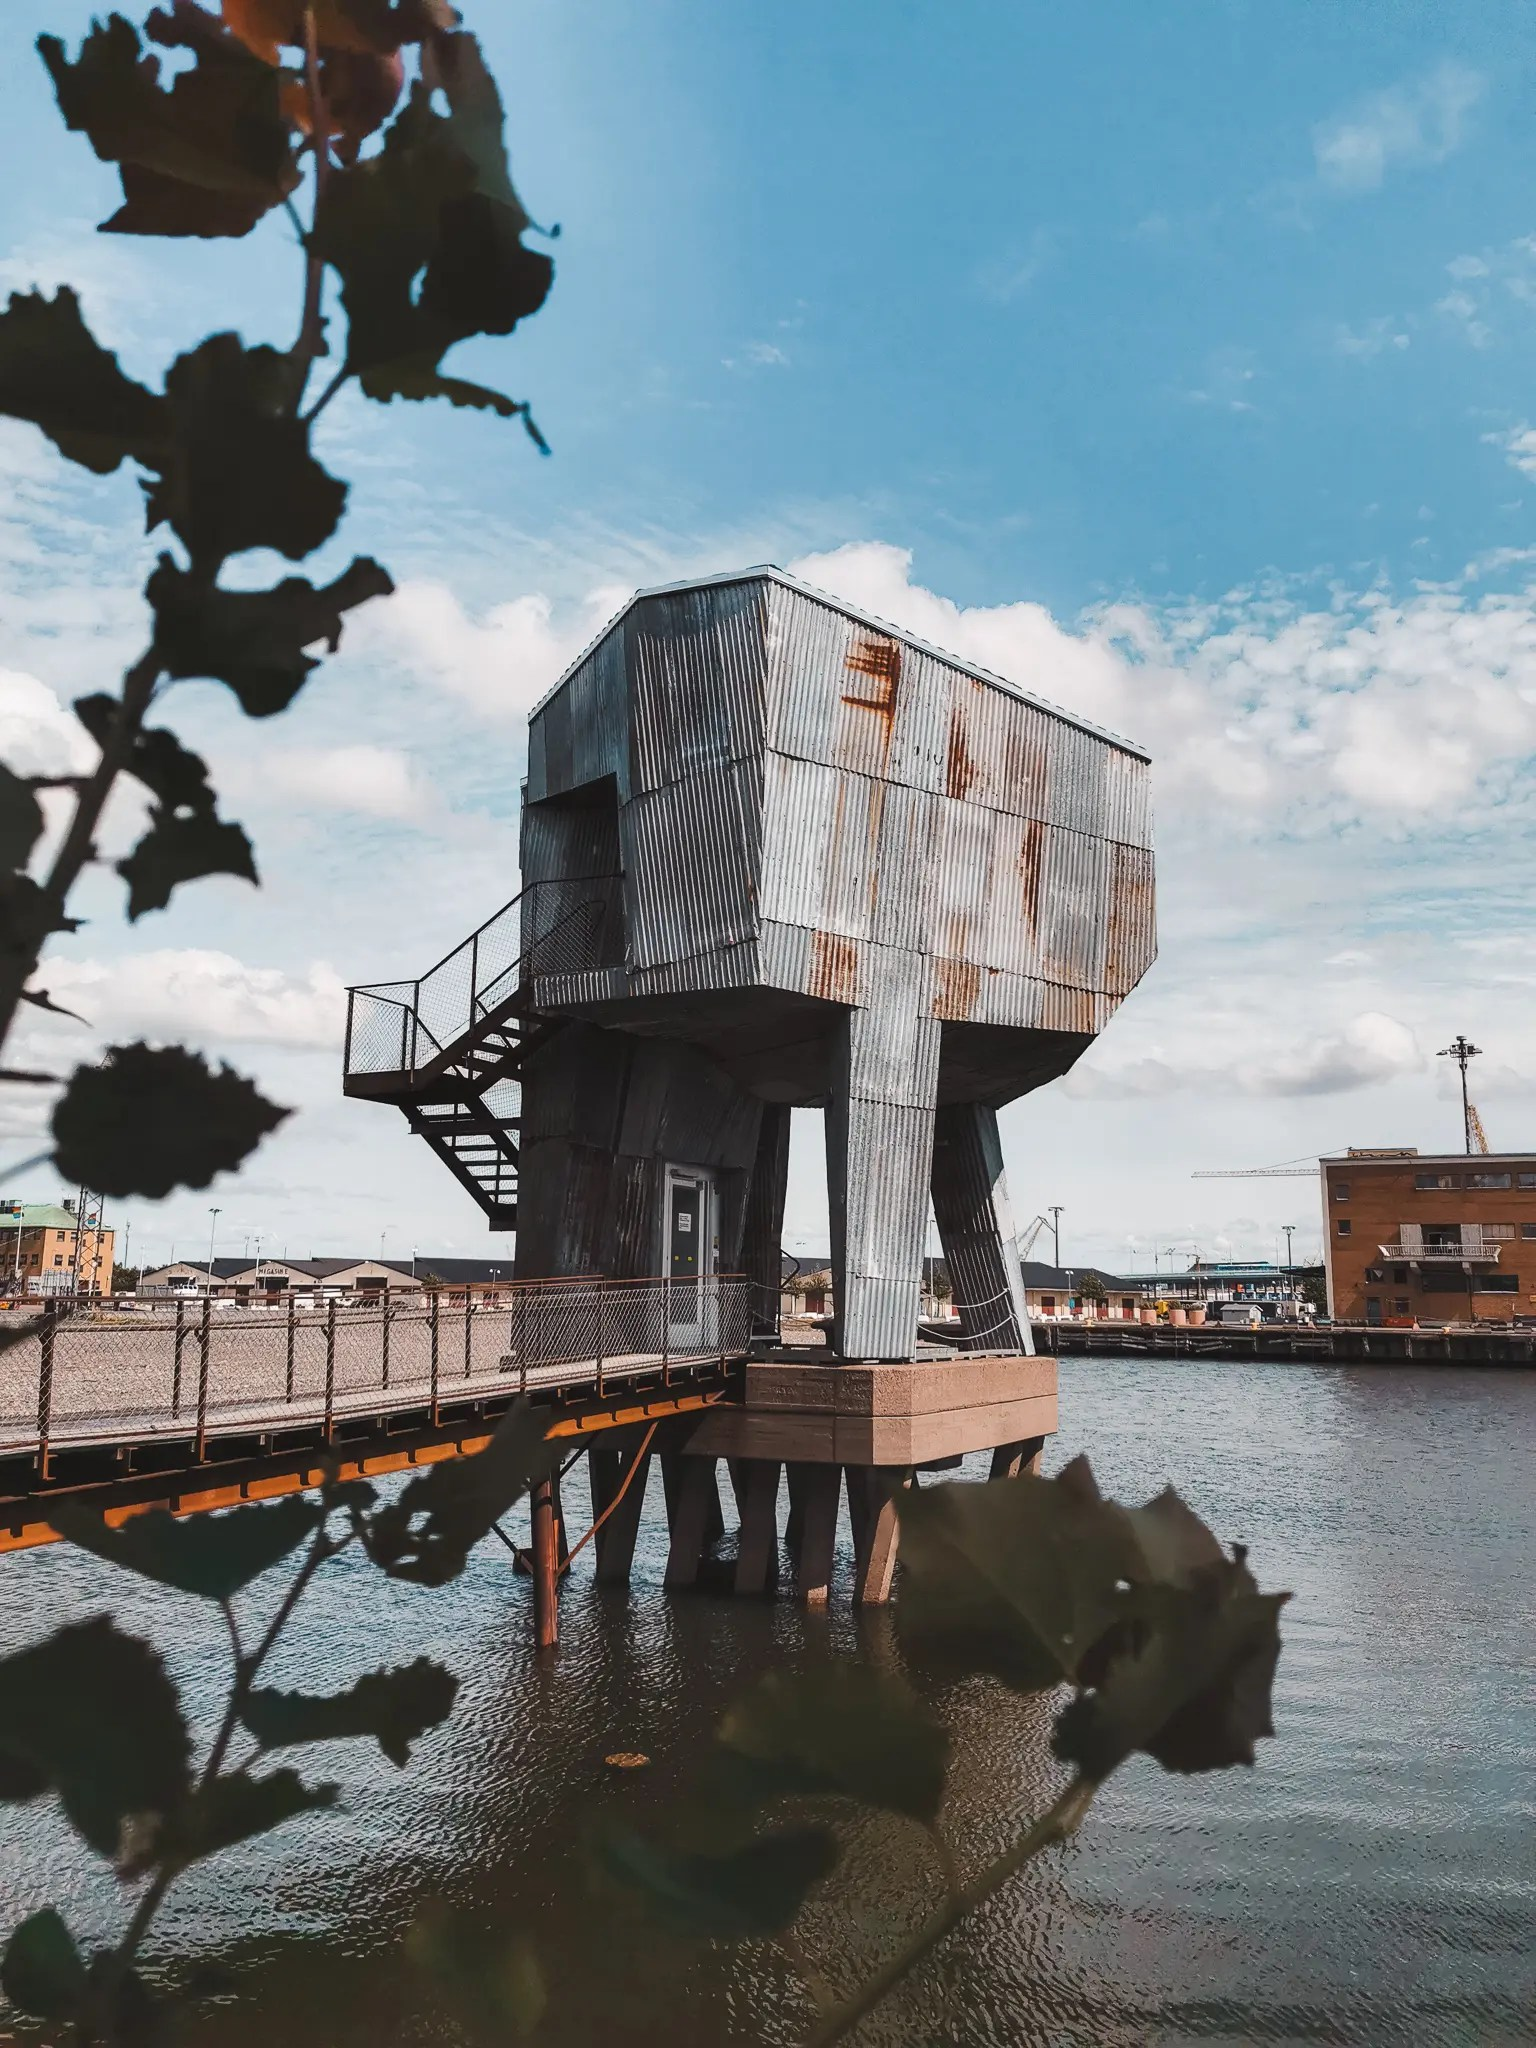 Frihamnen sauna in Gothenburg, Sweden.